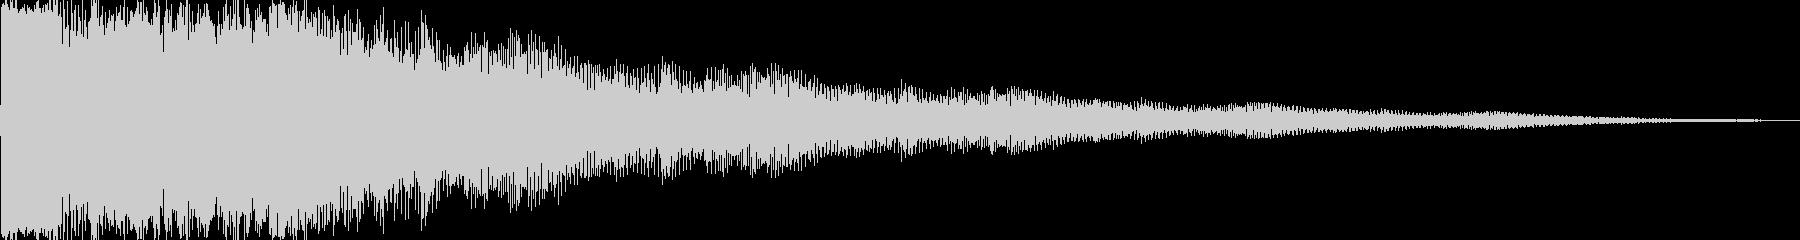 決定音 ディレイをかけたベルの音での未再生の波形